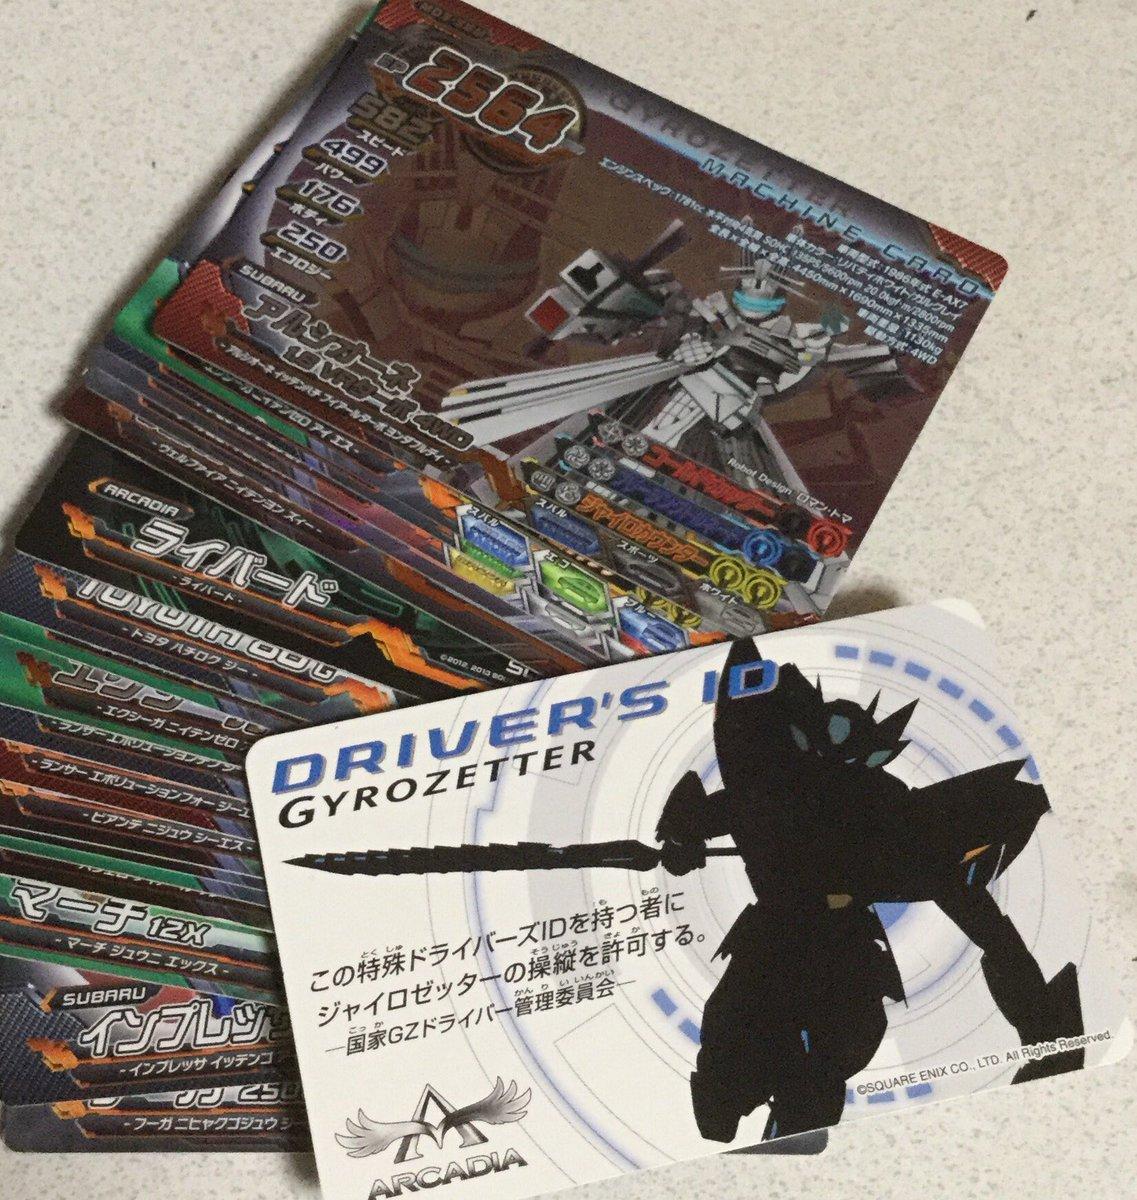 ジャイロゼッターのカード見つけた!!!wwwほんとはもっとあったはずなのだが無くしたよお( ´・ω・` )